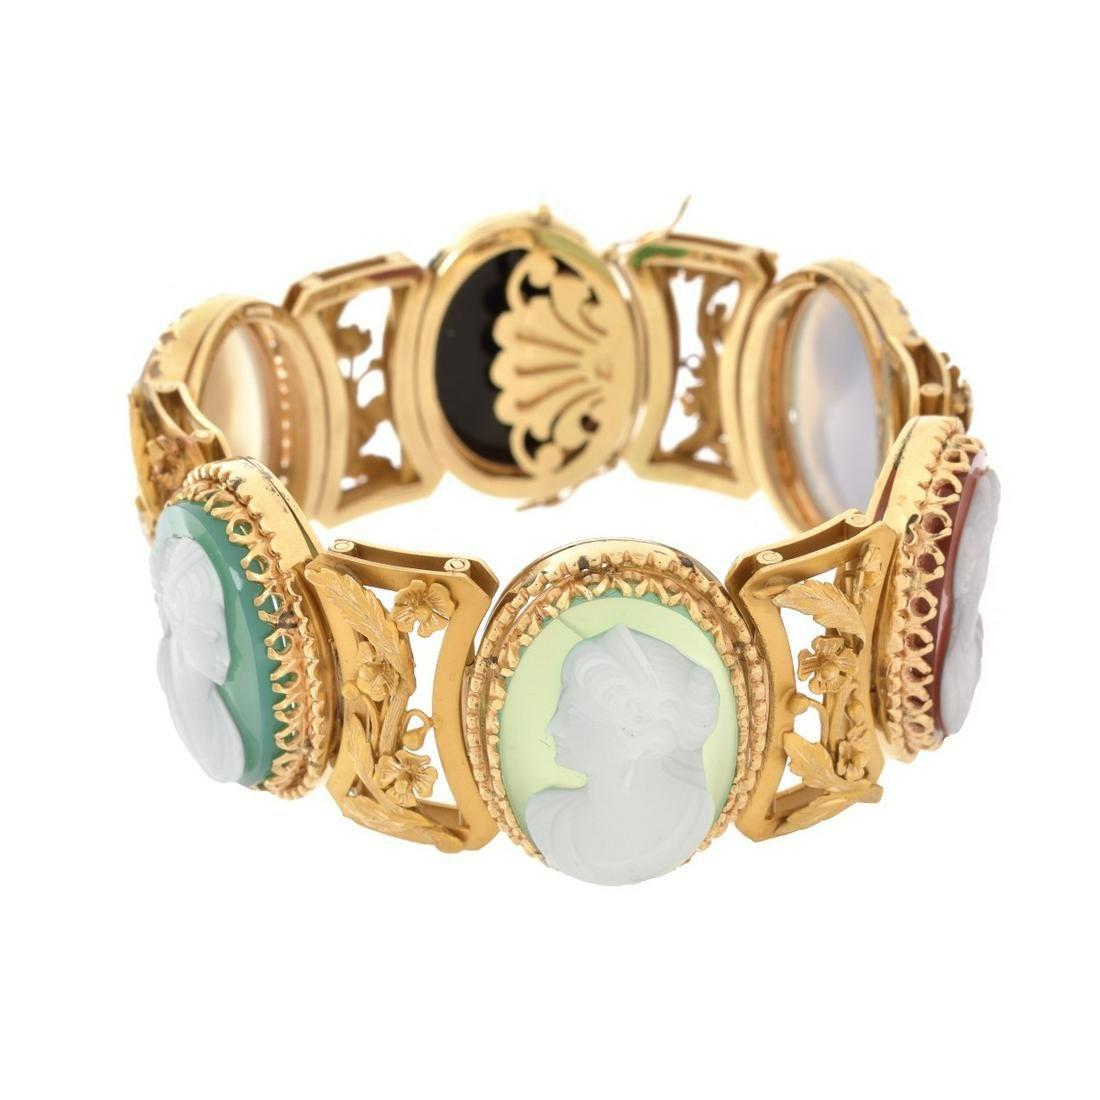 Antique 14K Cameo Bracelet